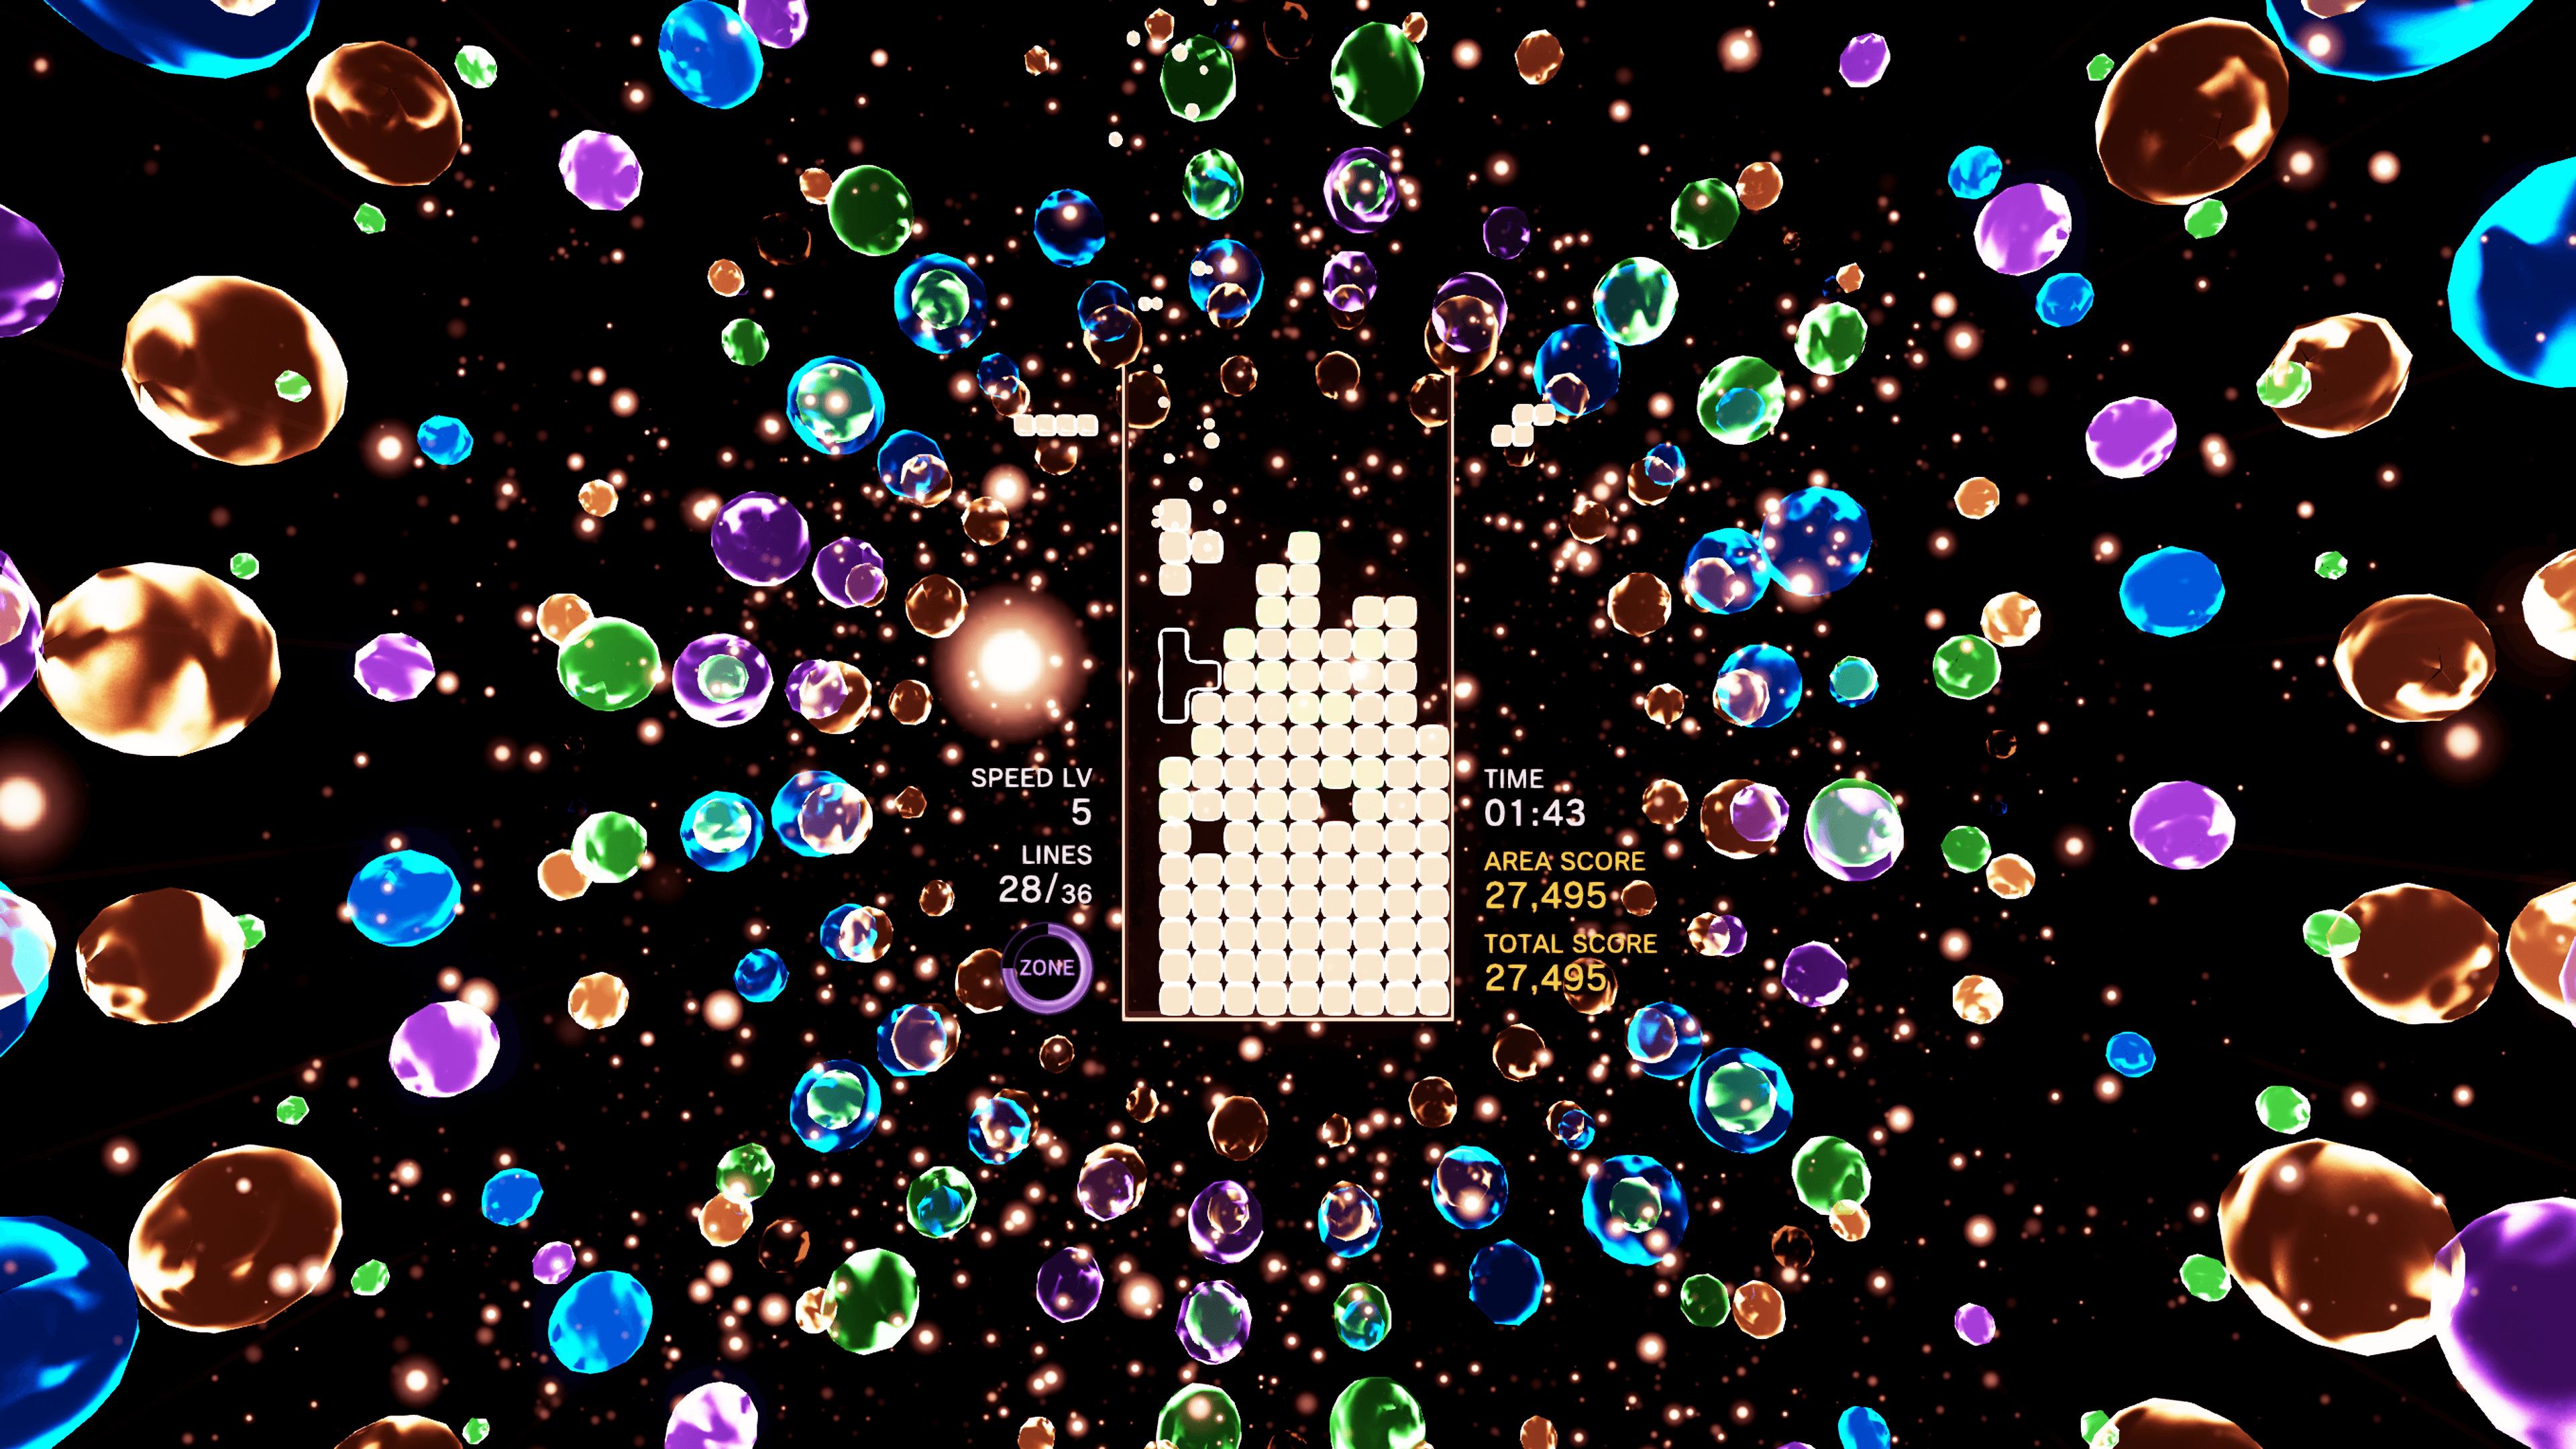 tetris effect vr widescreen wallpaper 67845